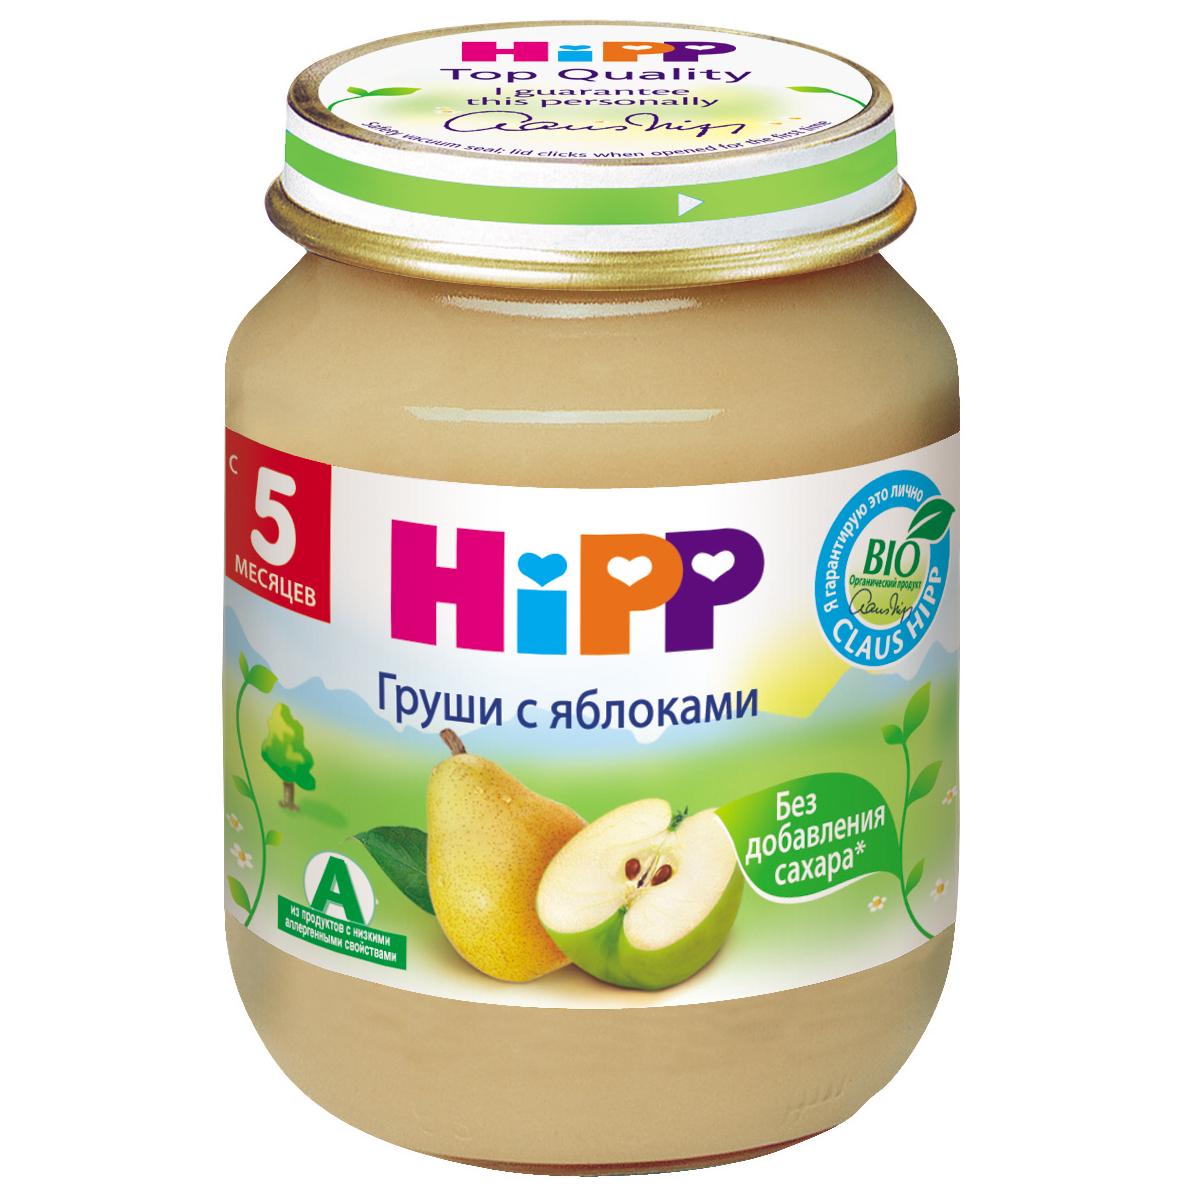 Пюре Hipp фруктовое 125 гр Груши с яблоками (с 5 мес)<br>